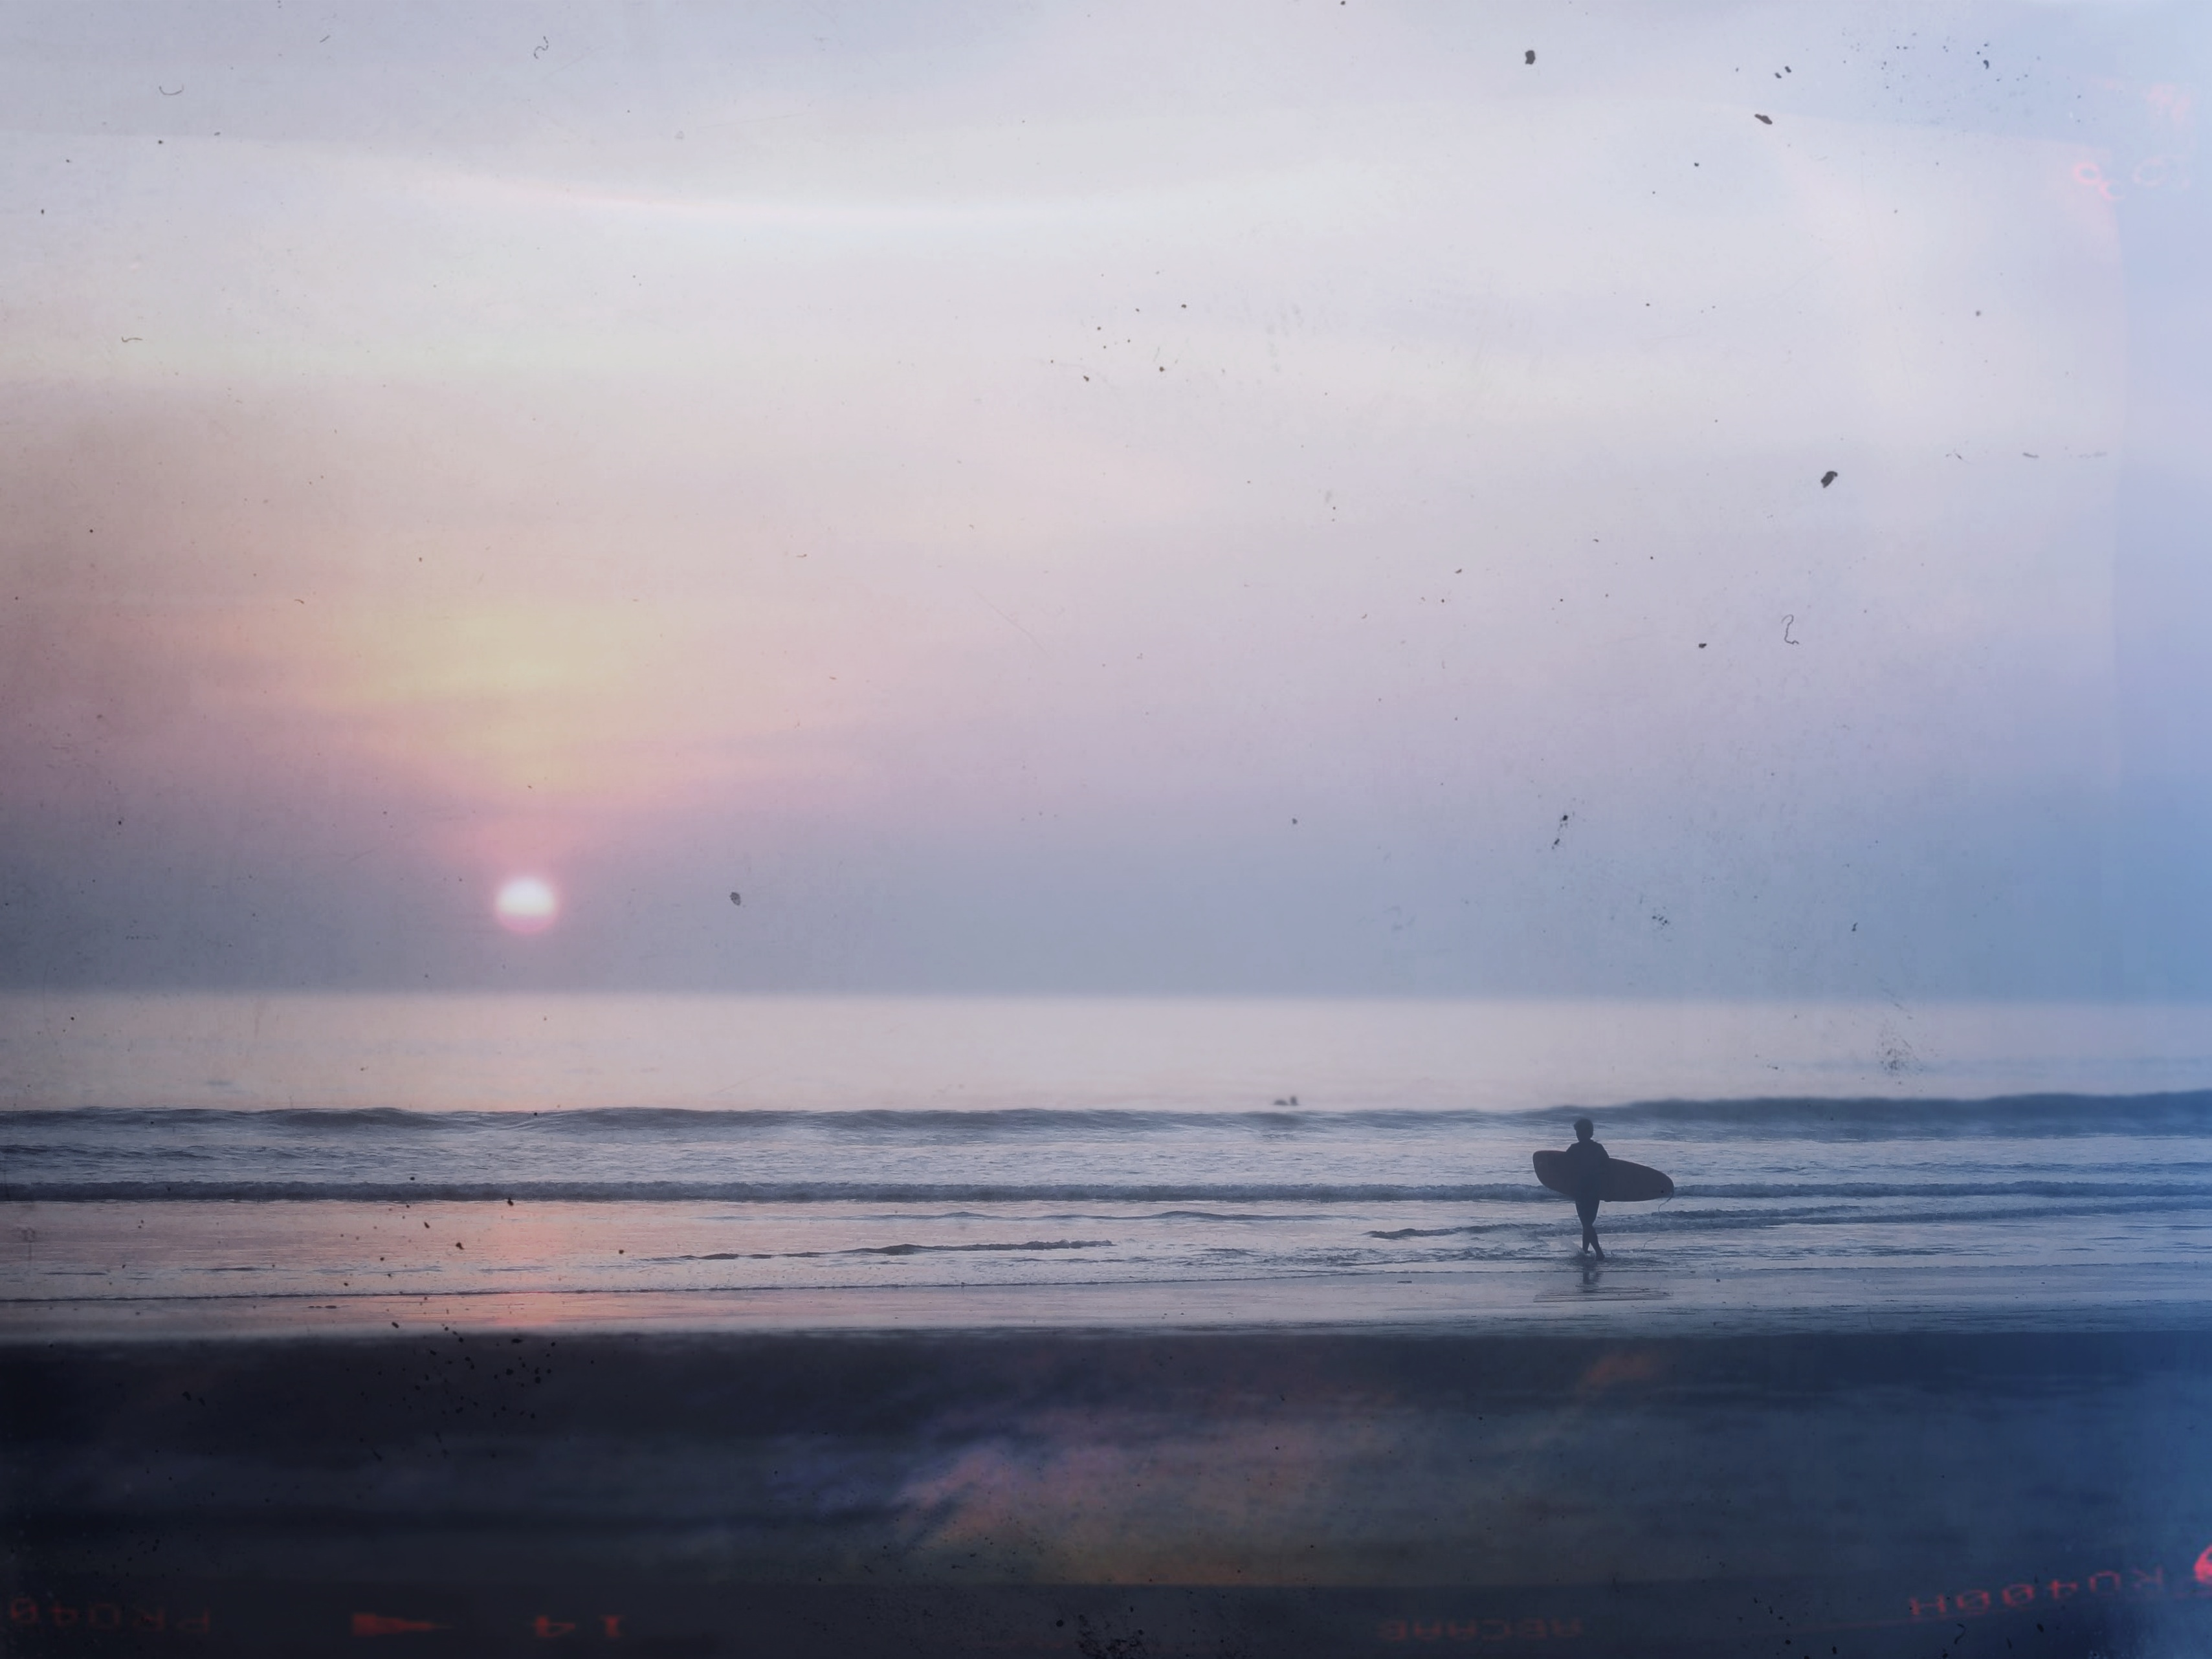 A surfer during sunset at Long Beach, Koh Phayam